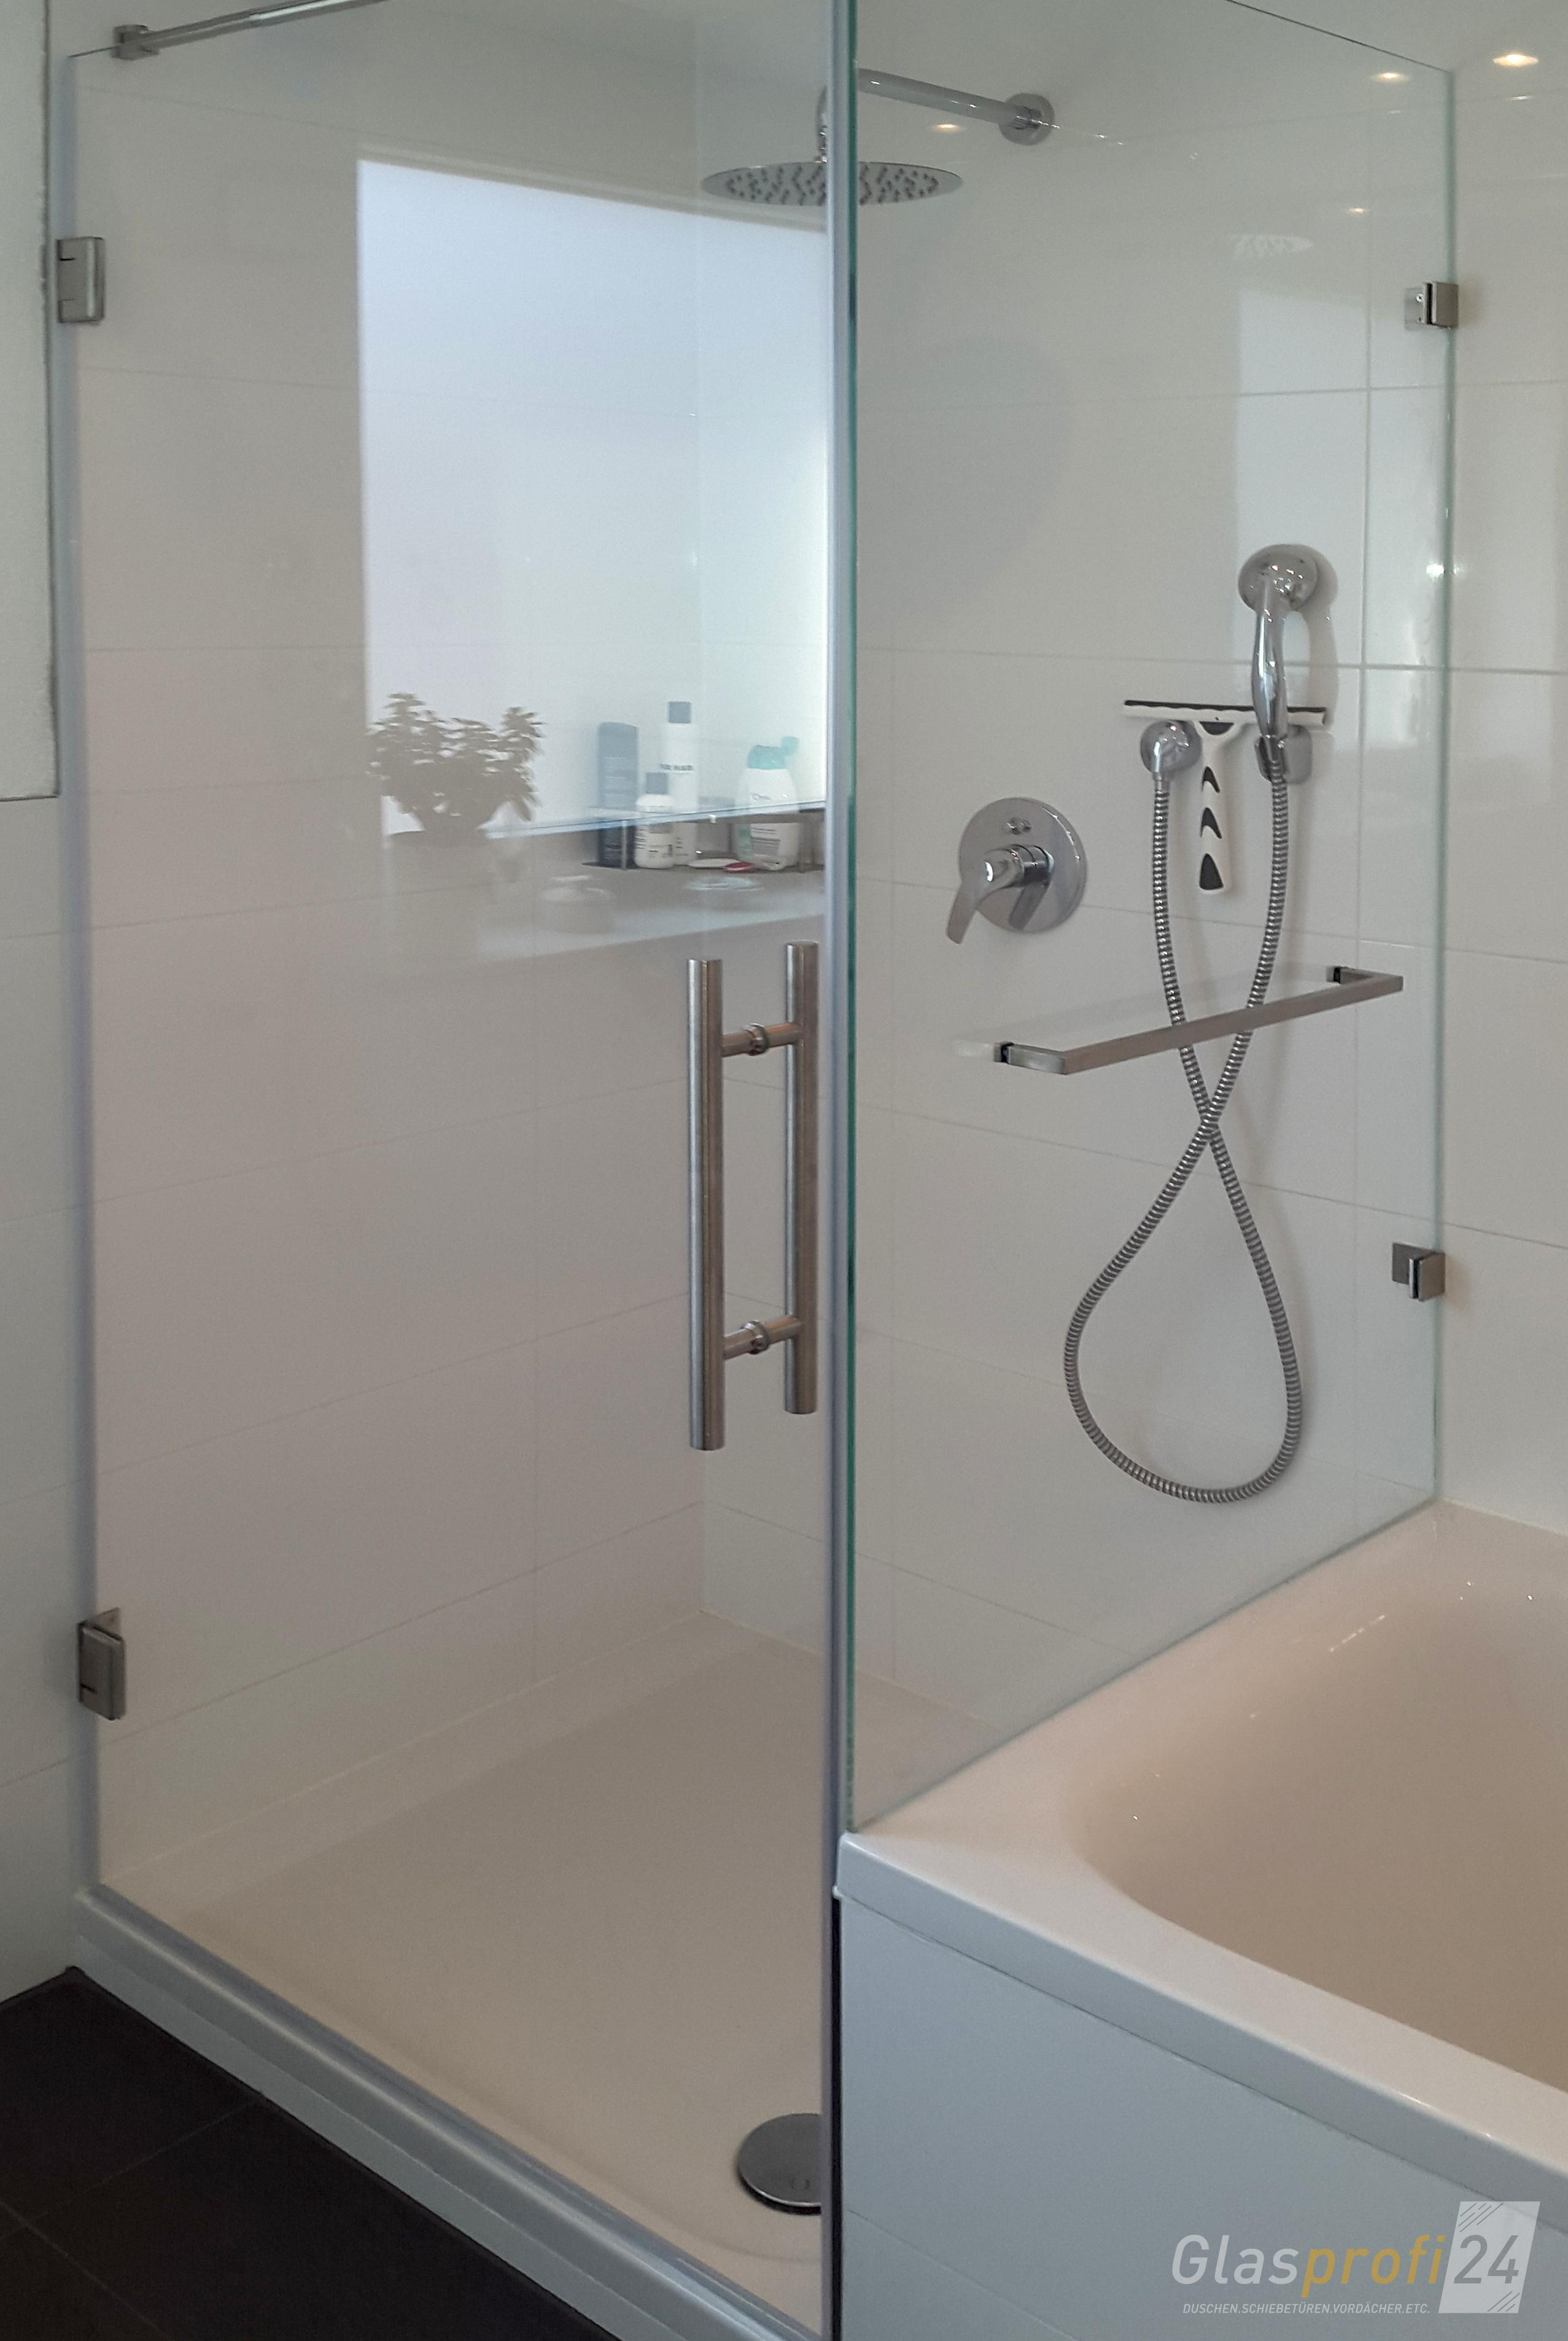 dusche aus glas an badewannenanschluss